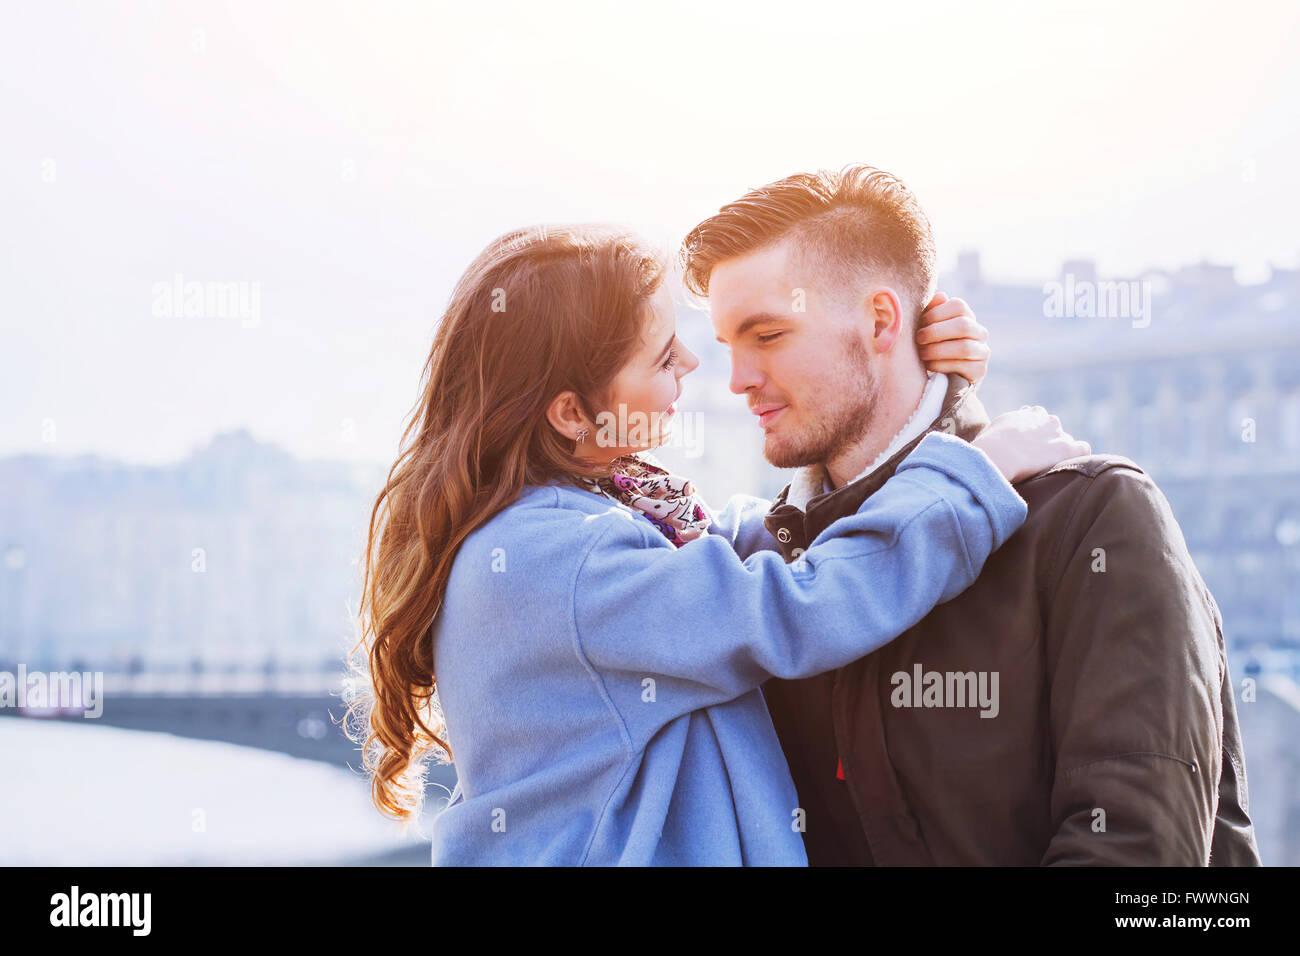 Friends, portrait de jeunes professionnels l'homme et de la femme, l'amour dans la ville Photo Stock